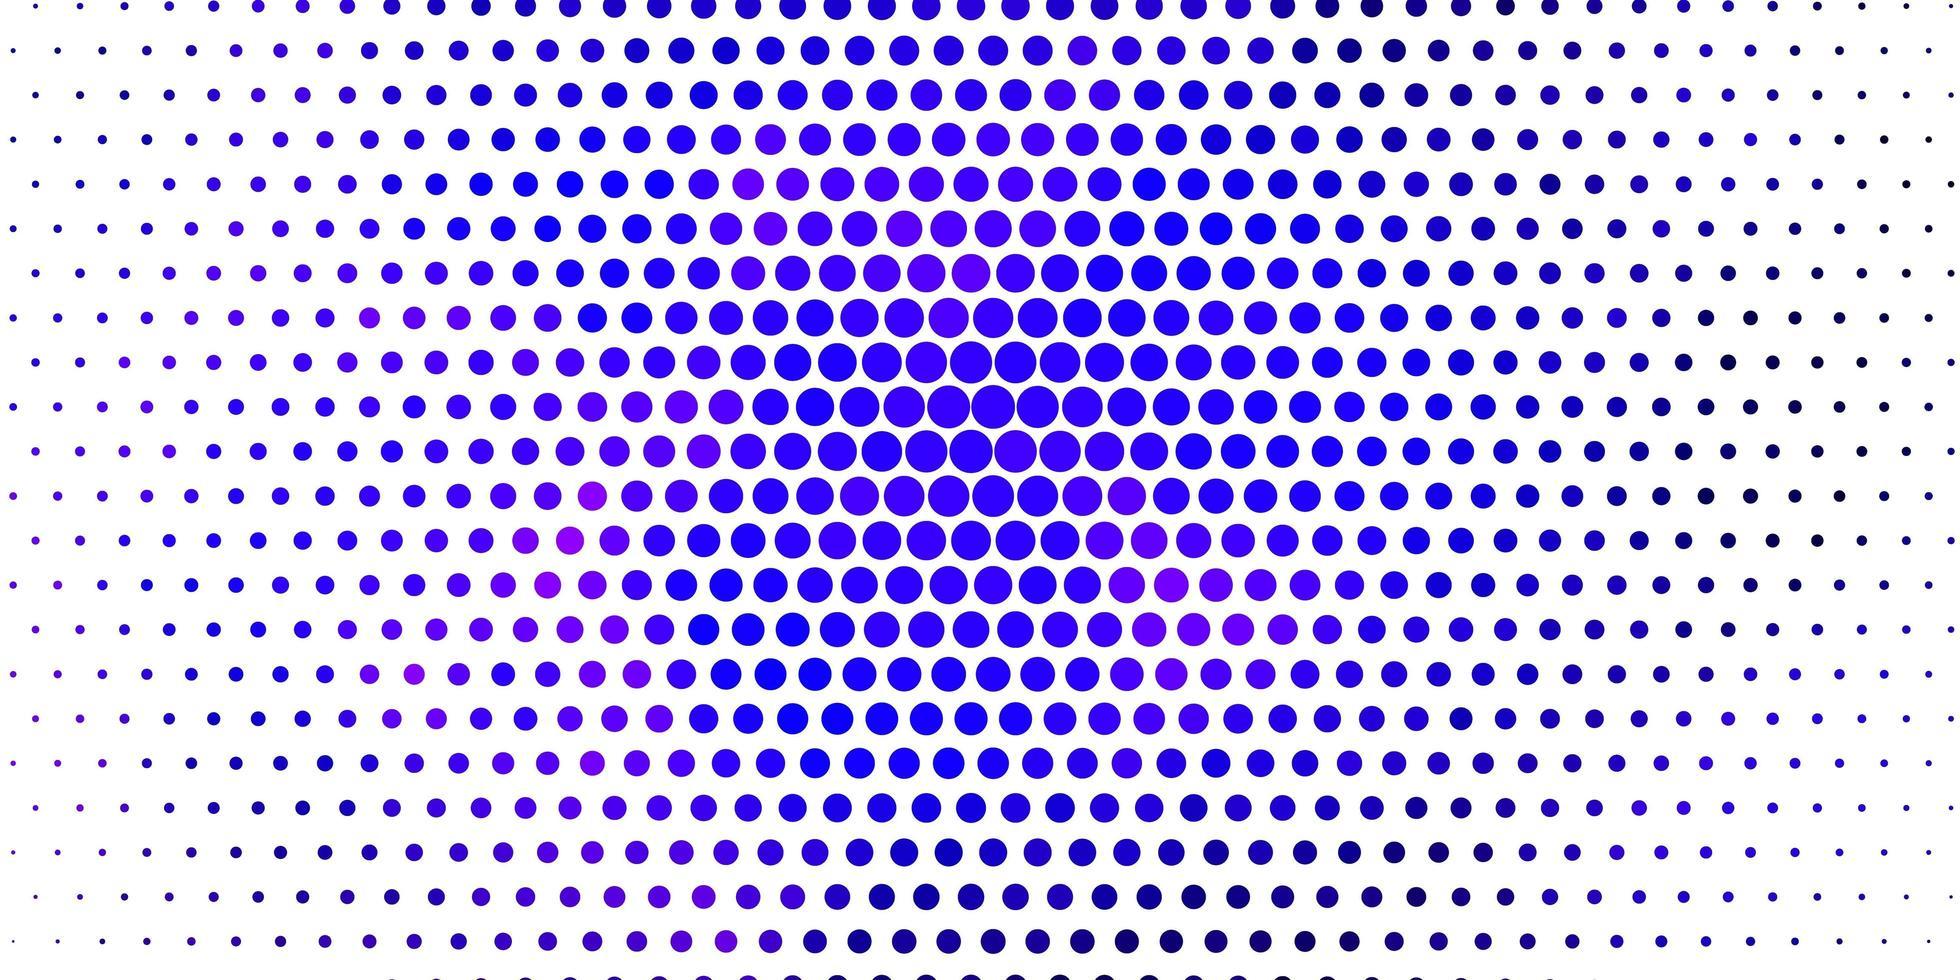 fond de vecteur violet clair avec des bulles.